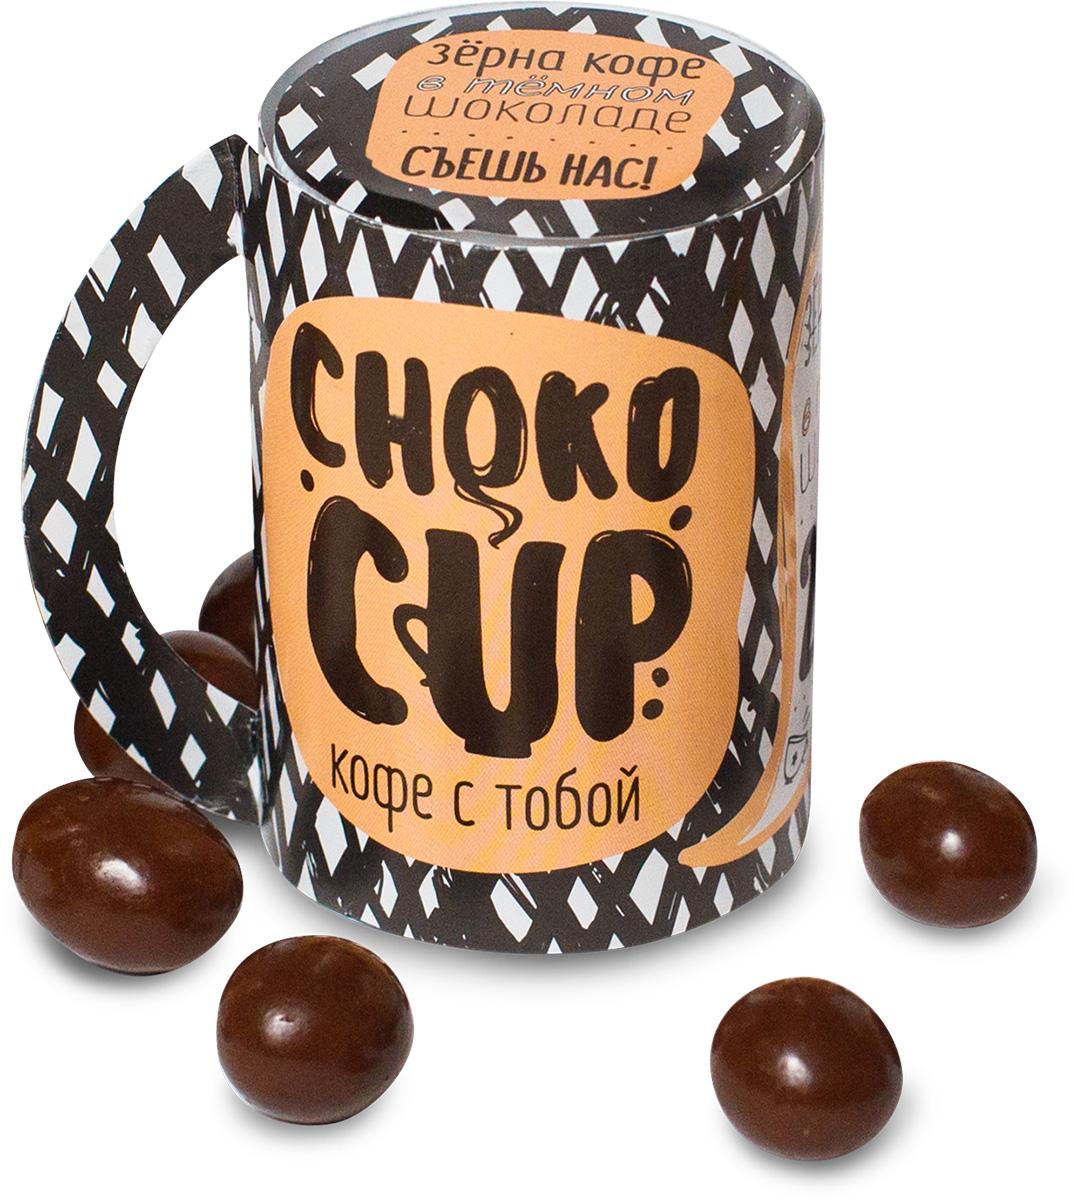 Chokocat Chokocup кофейные зерна в темном шоколаде, 25 г chokocat кофейные зерна в темном шоколаде чокобум 25гр